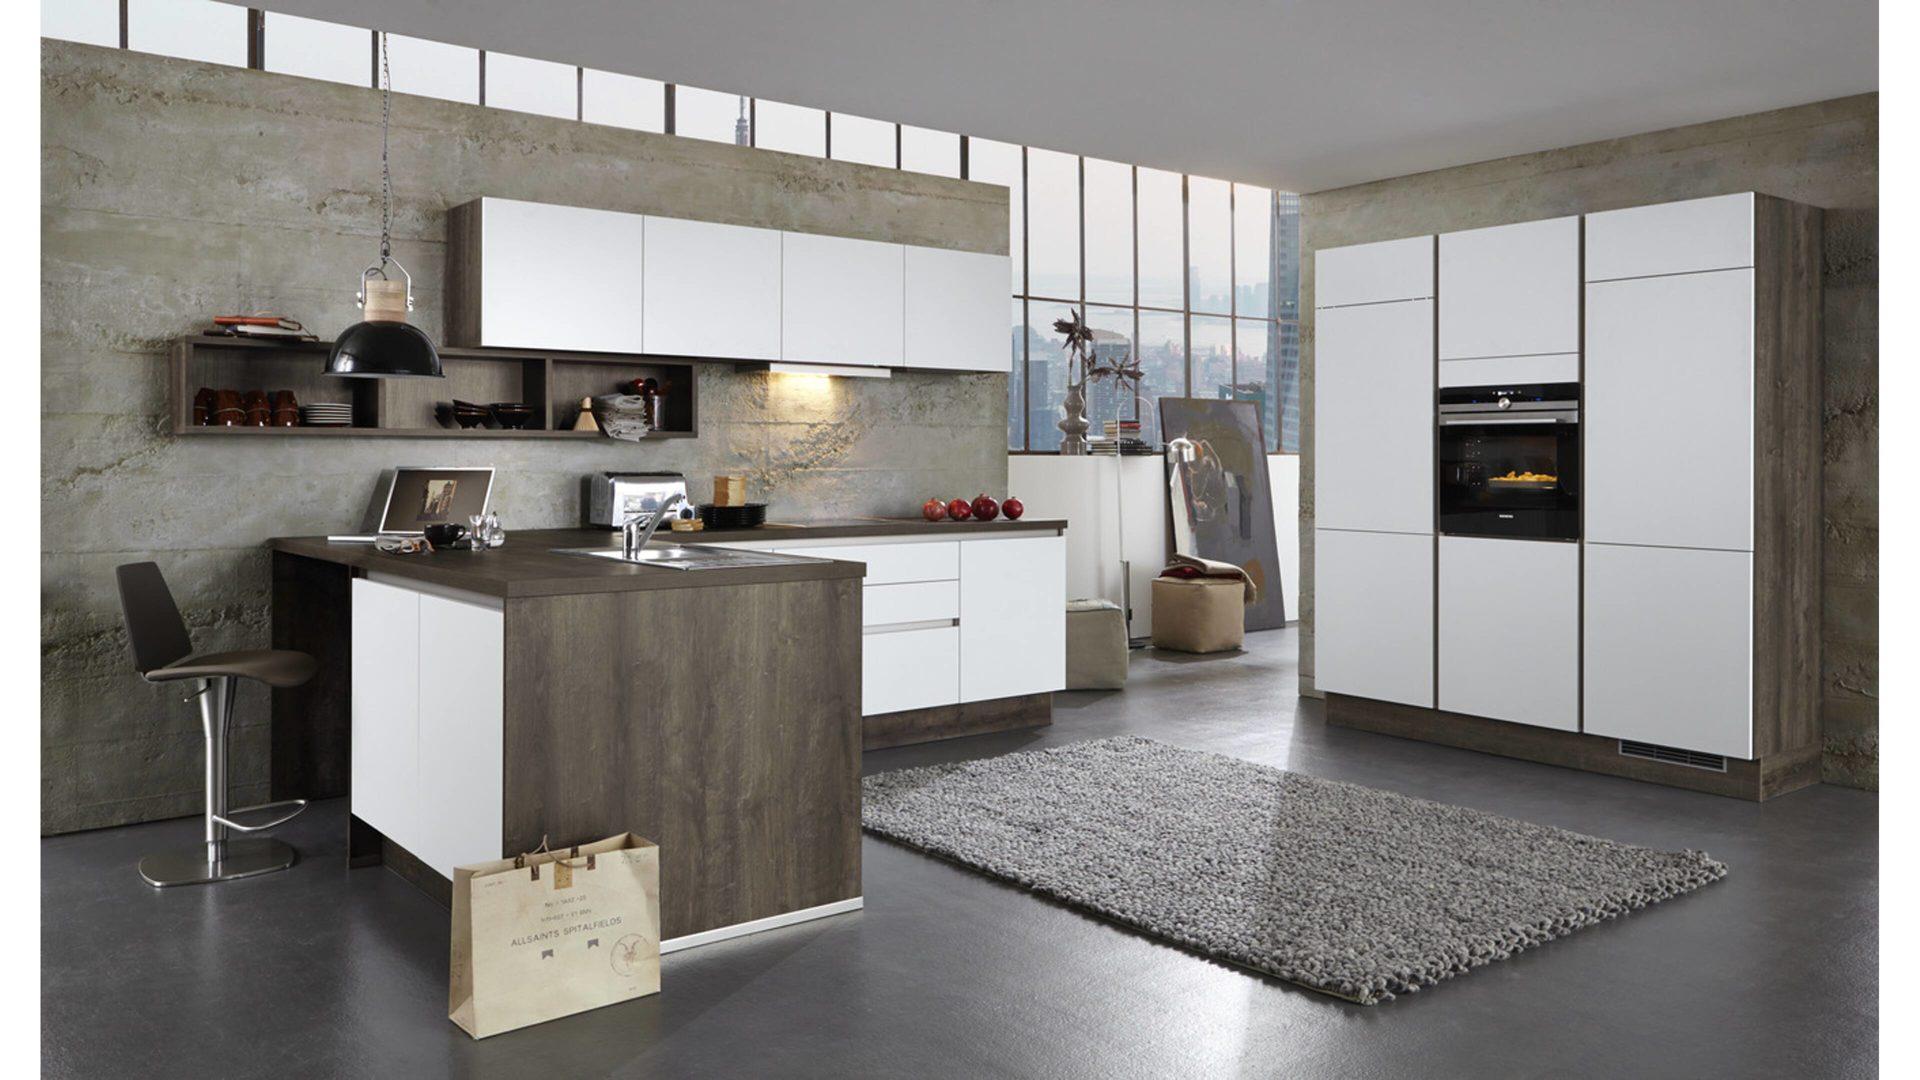 Möbel Bernskötter Mülheim, Möbel A-Z, Küchen, Einbauküchen, Culineo ...